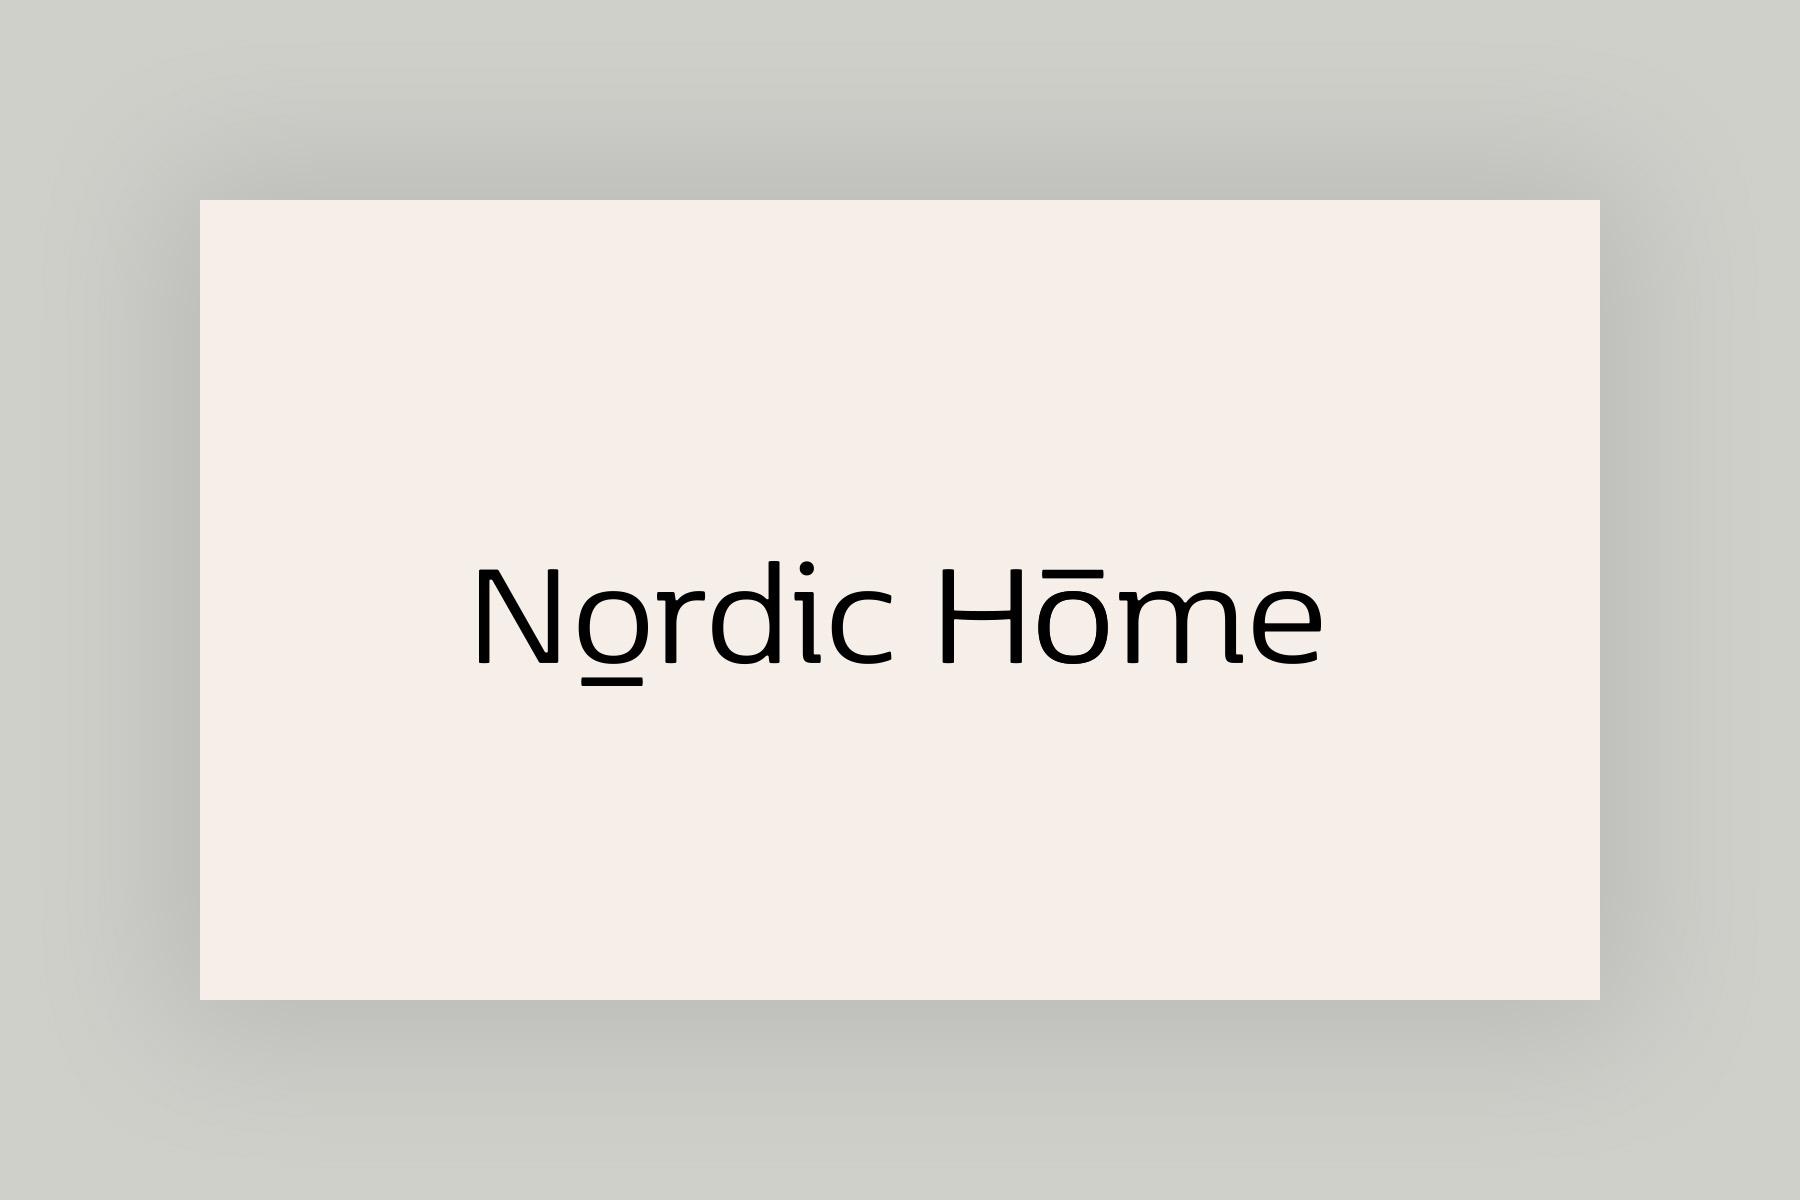 NordicHome_EskildHansen_02